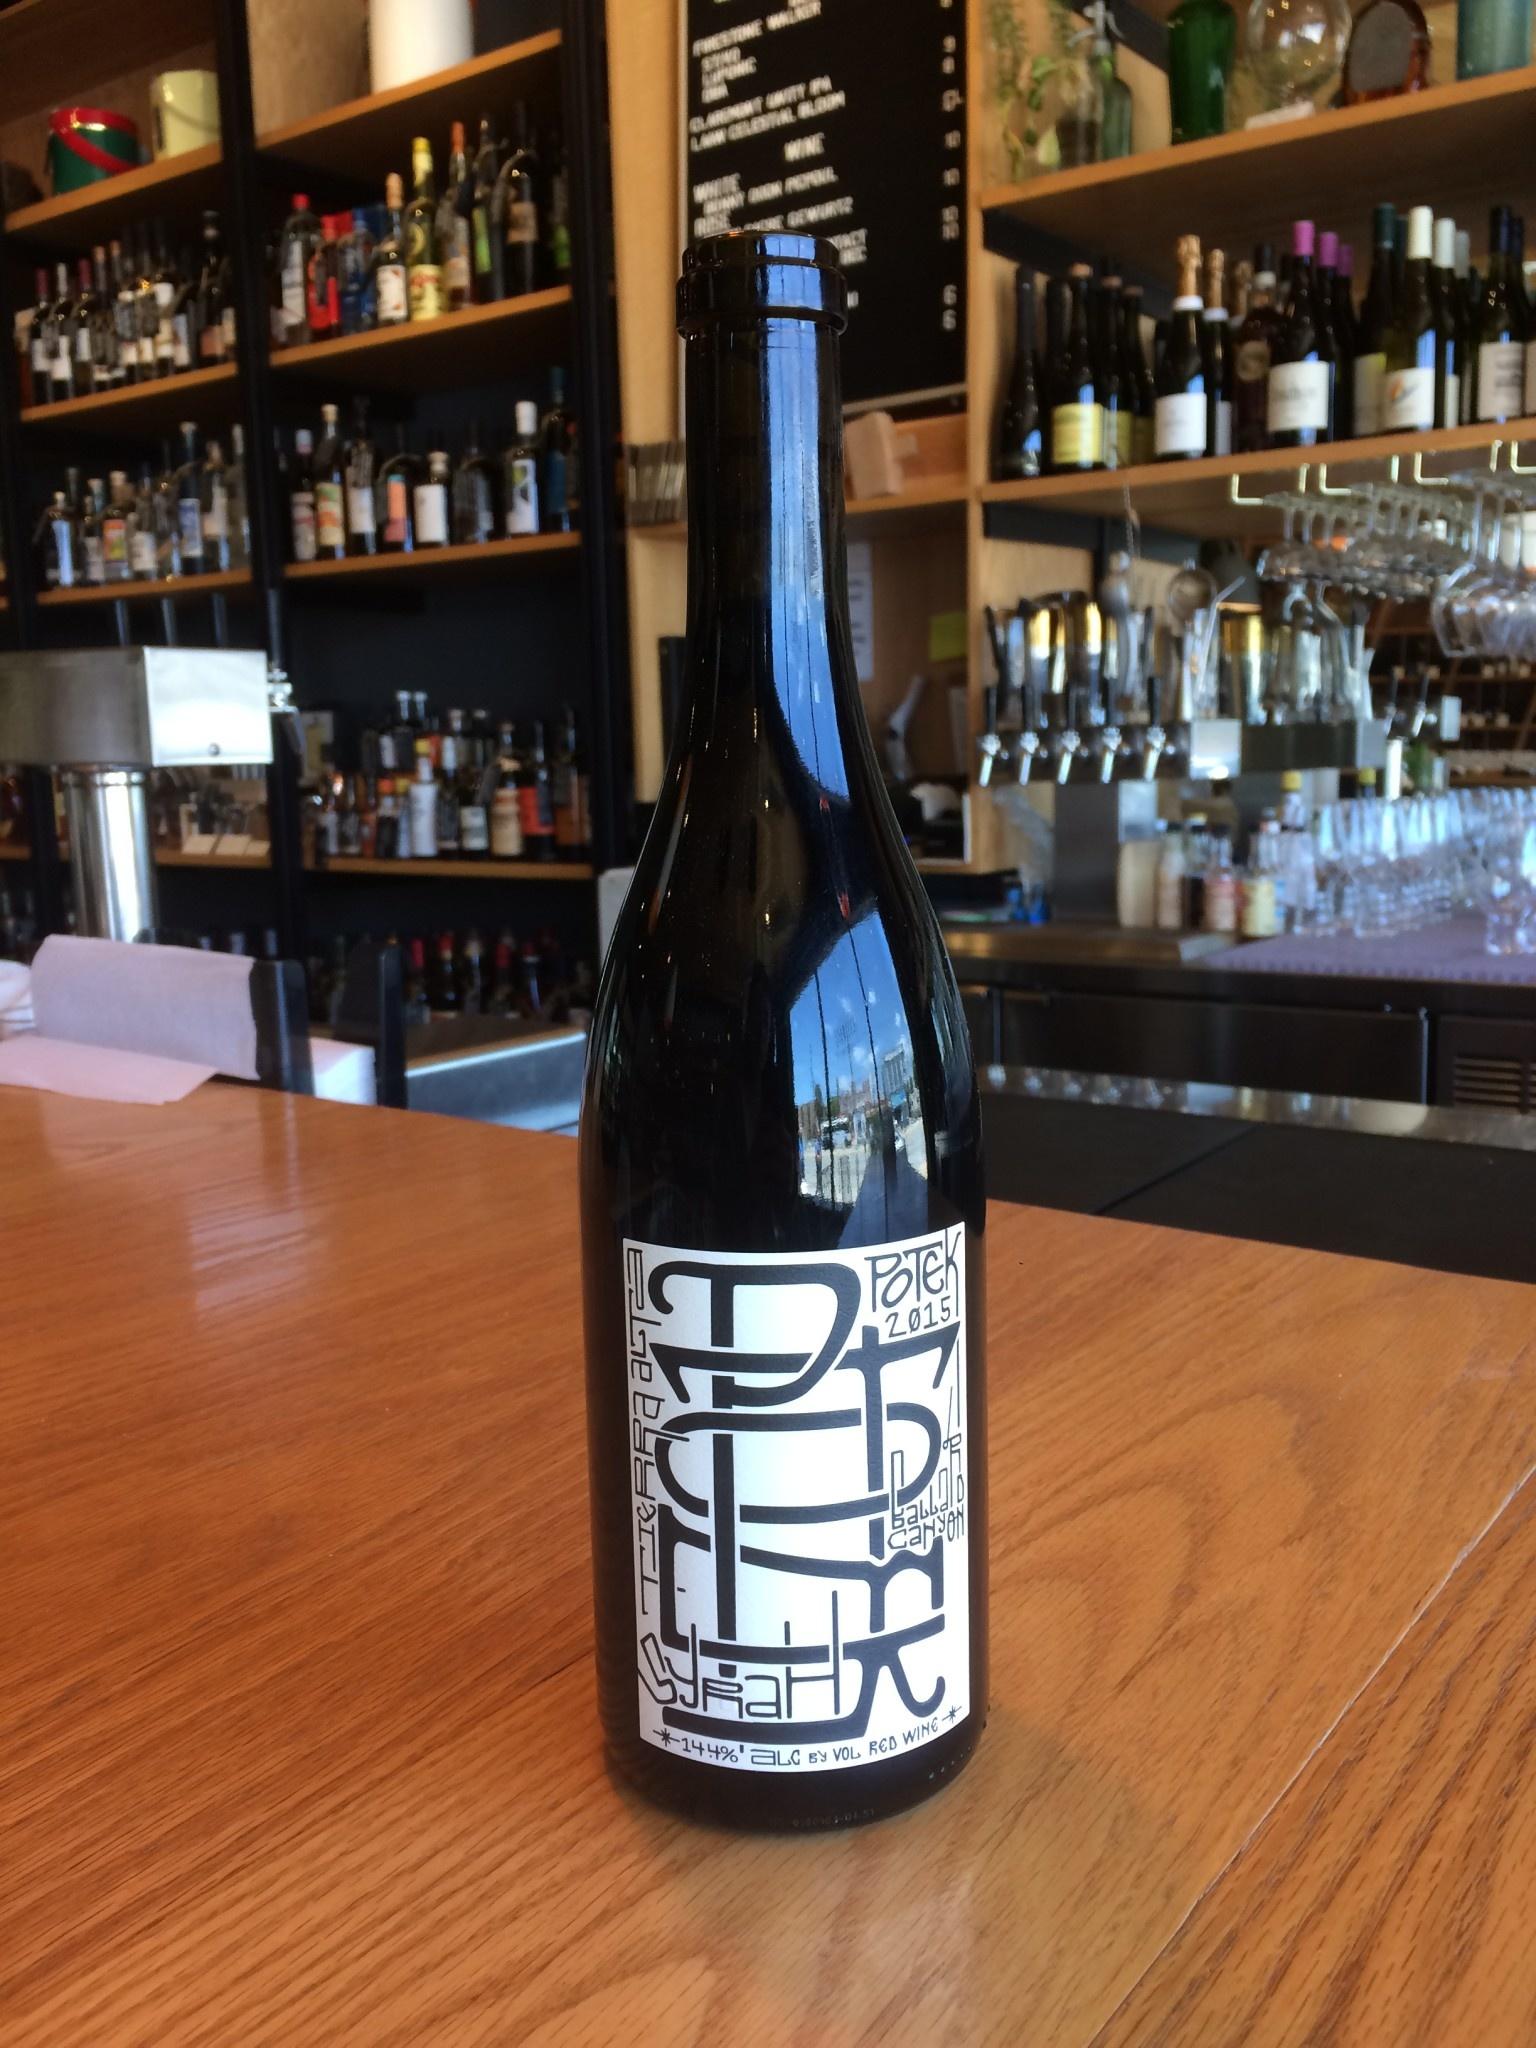 Potek Winery 2015 Potek Winery Syrah Tierra Alta Vineyard 750mL